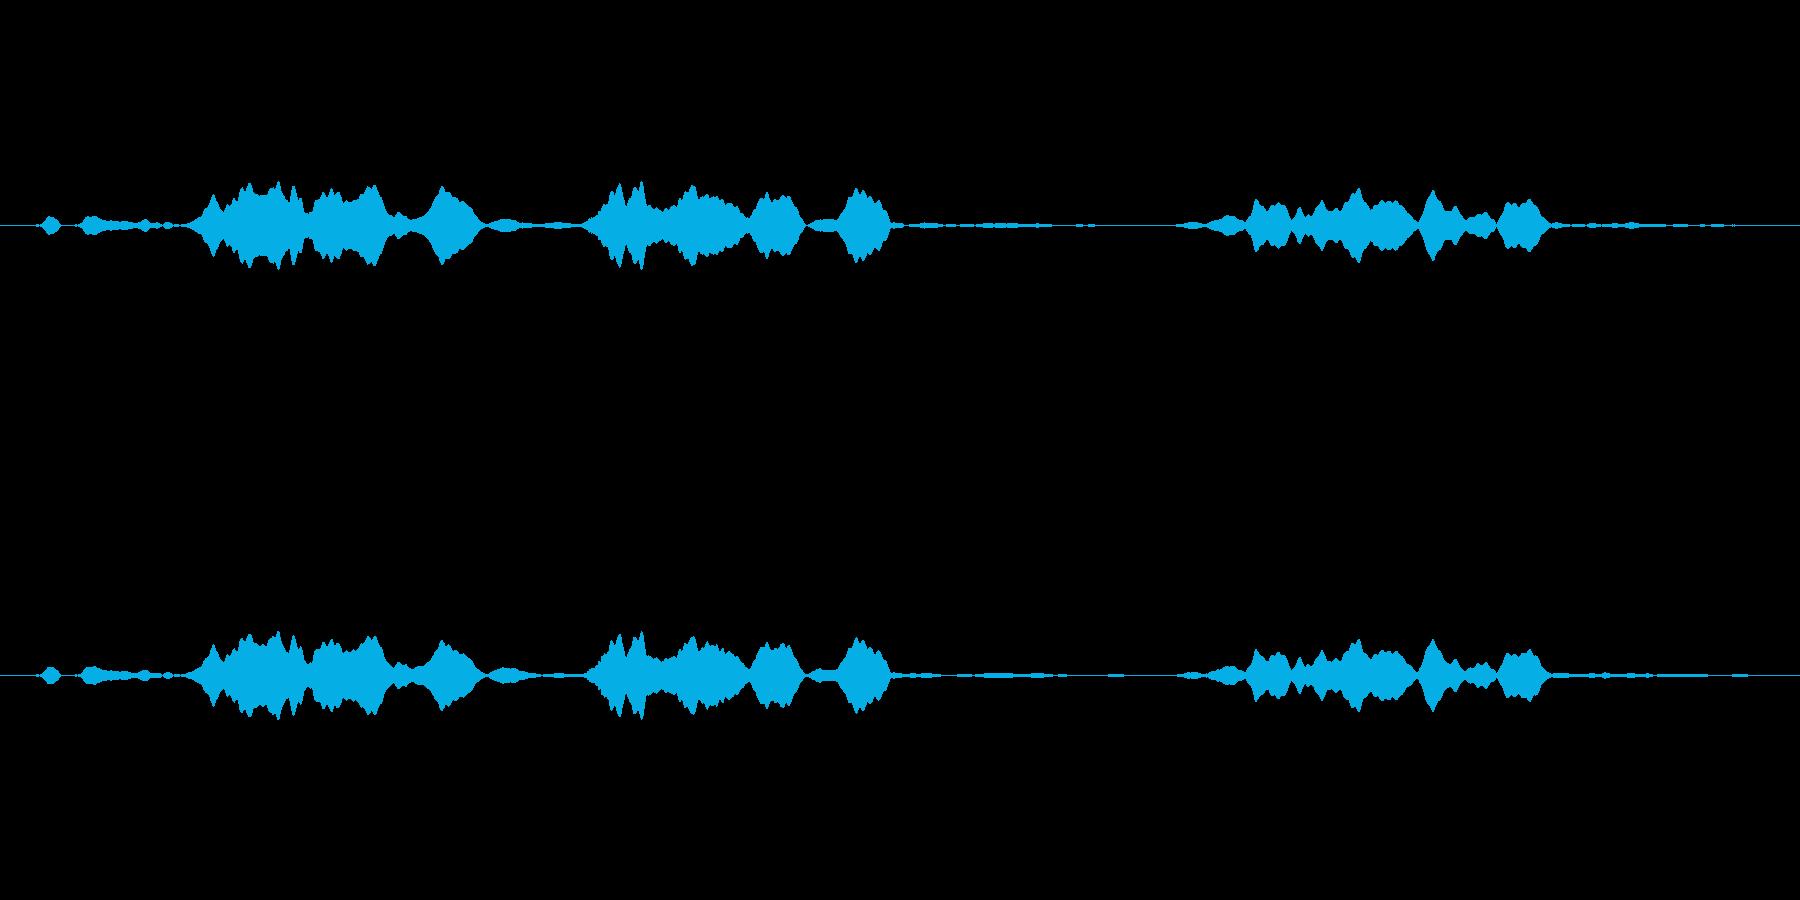 ピーピヨ♪大瑠璃、おおるりの鳴き声02の再生済みの波形